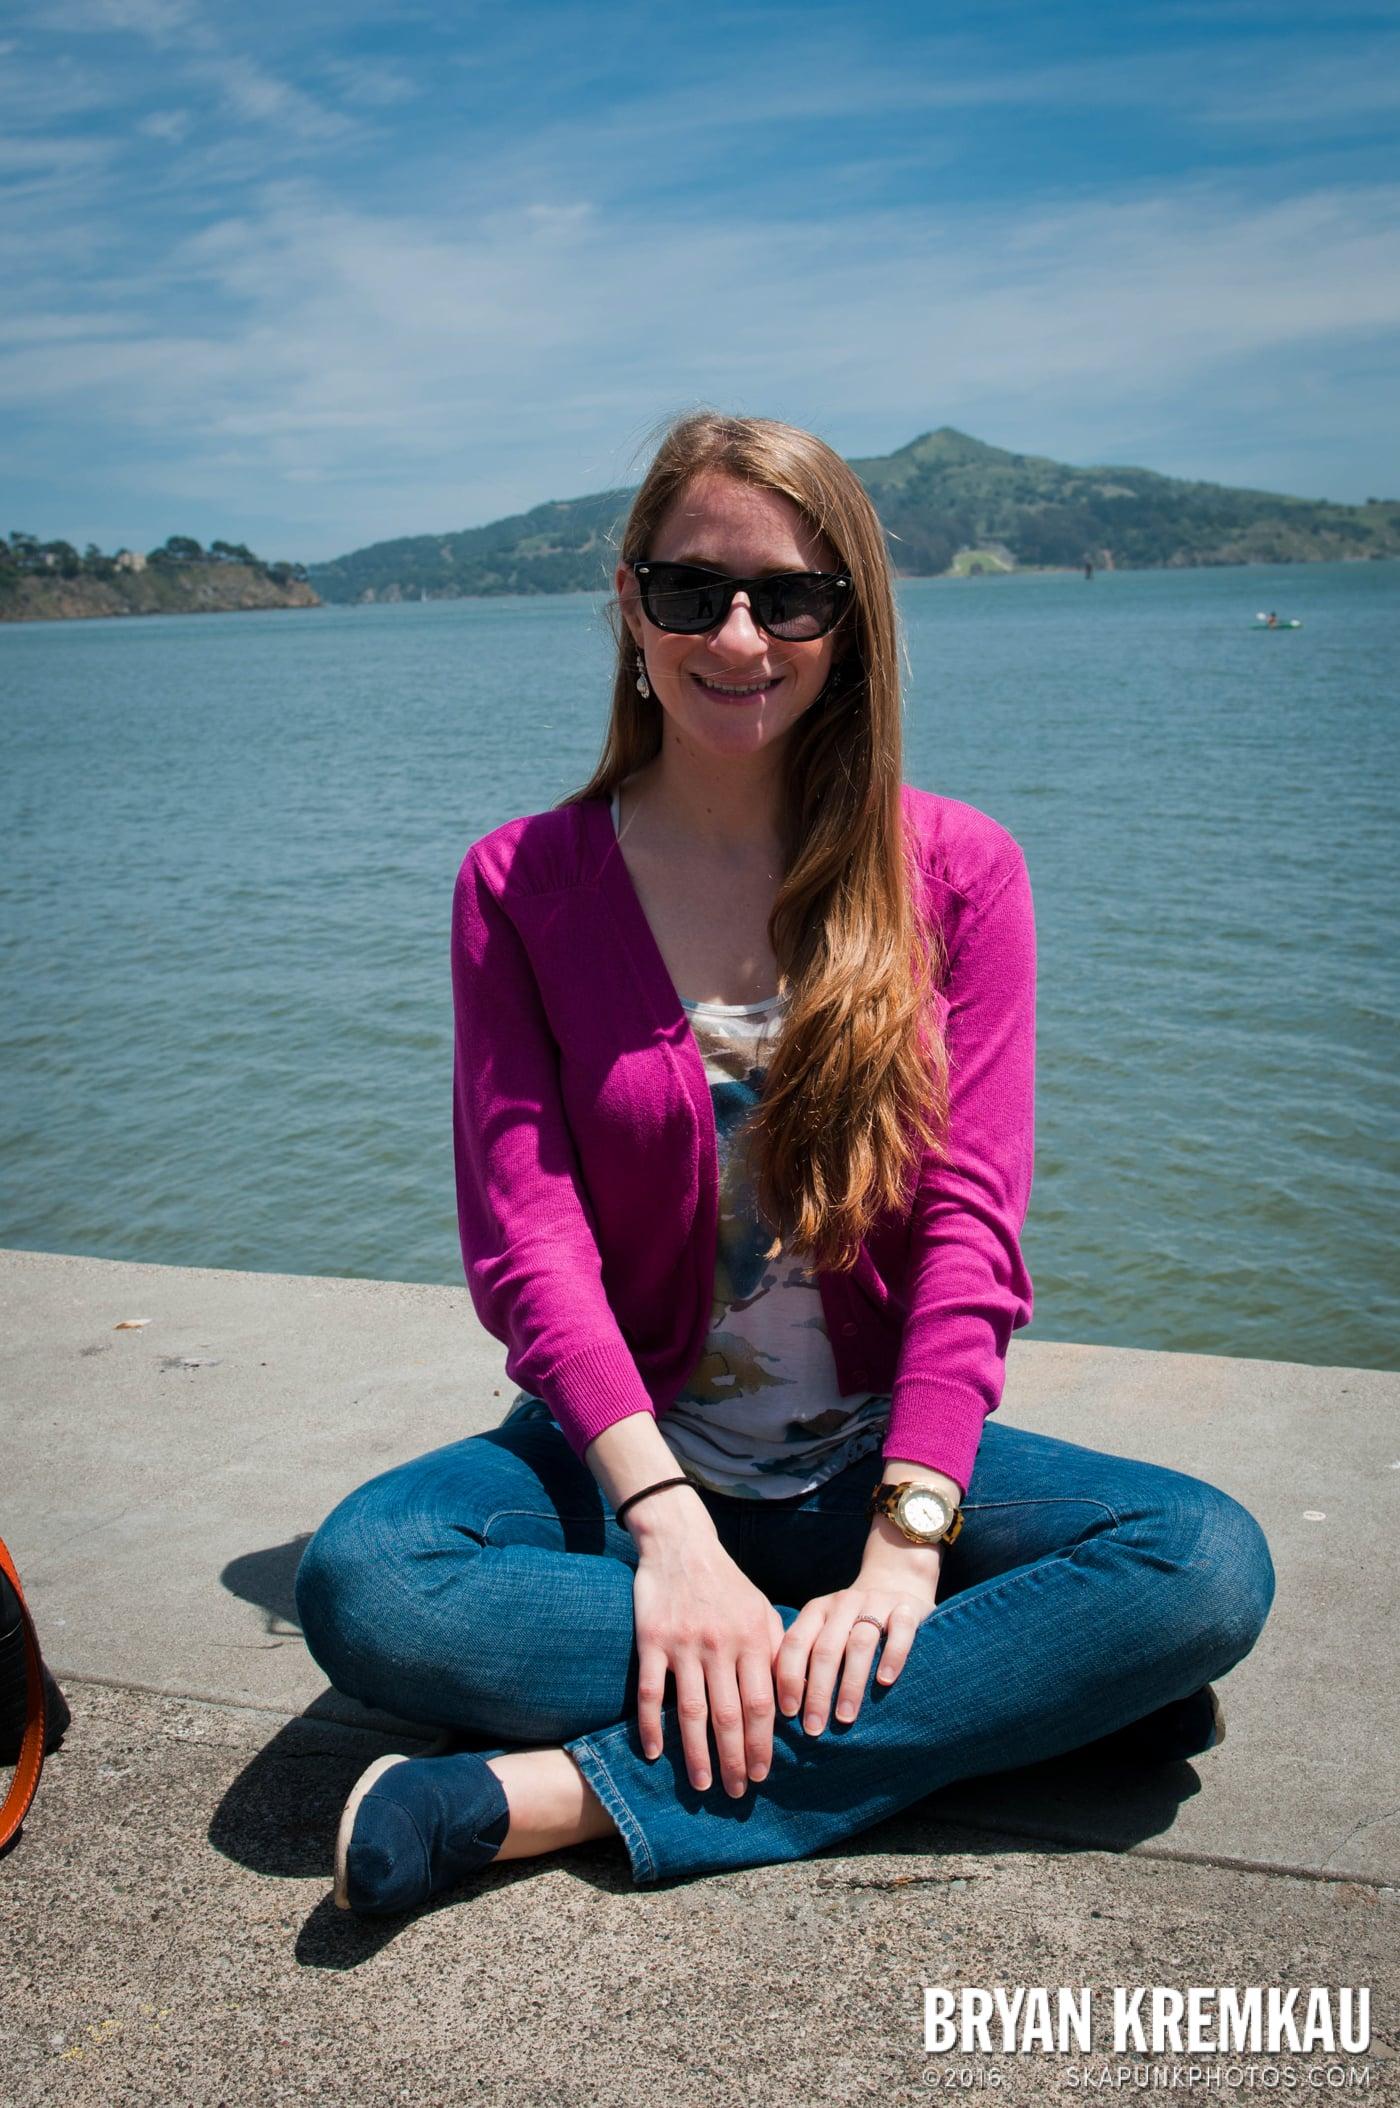 San Francisco Vacation - Day 3 - 4.30.12 (61)